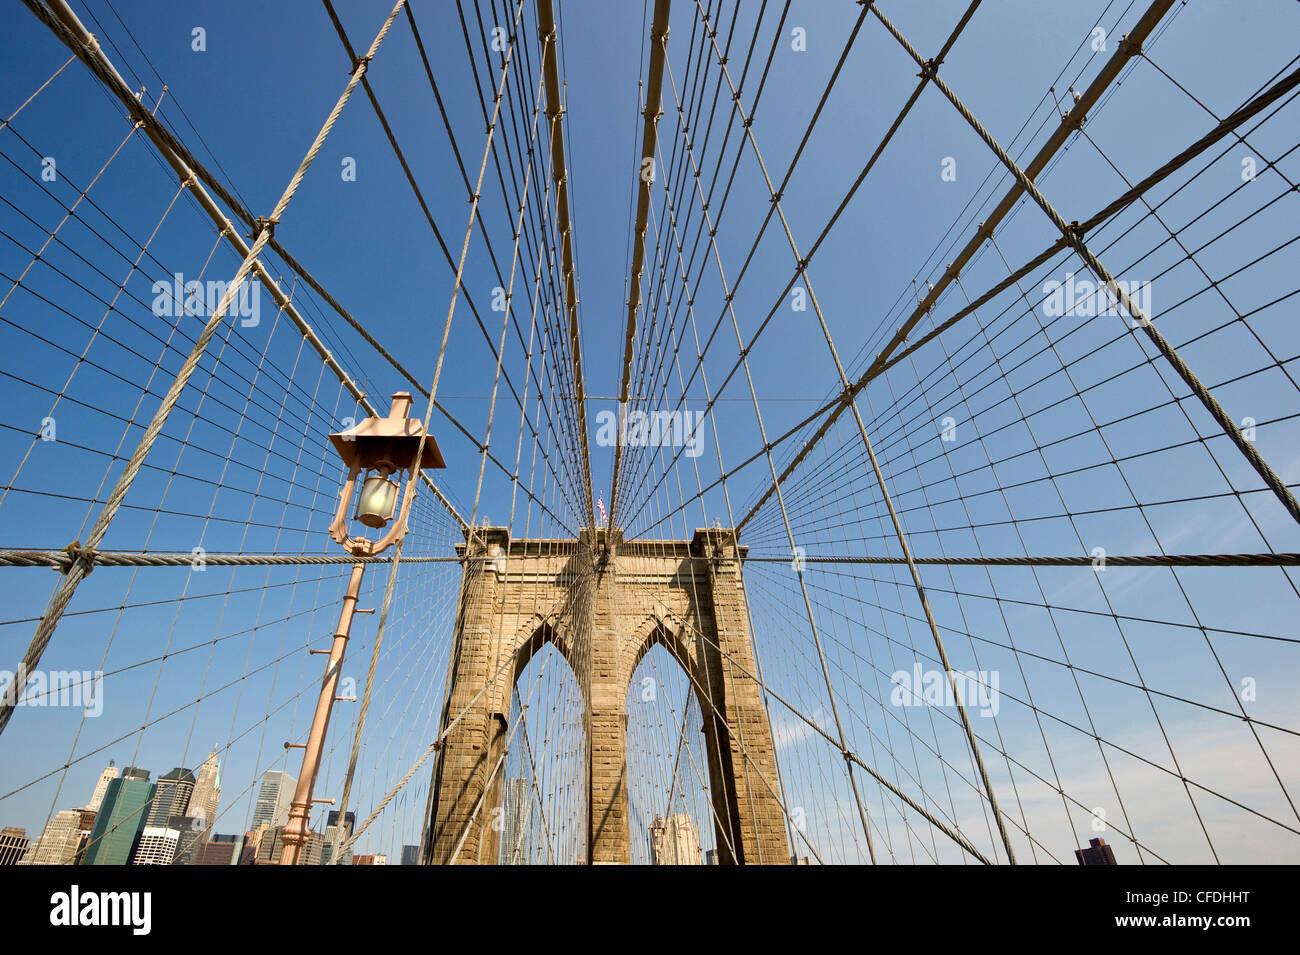 Pont de Brooklyn à la lumière du soleil, Manhattan, New York, USA, Amérique Latine Photo Stock